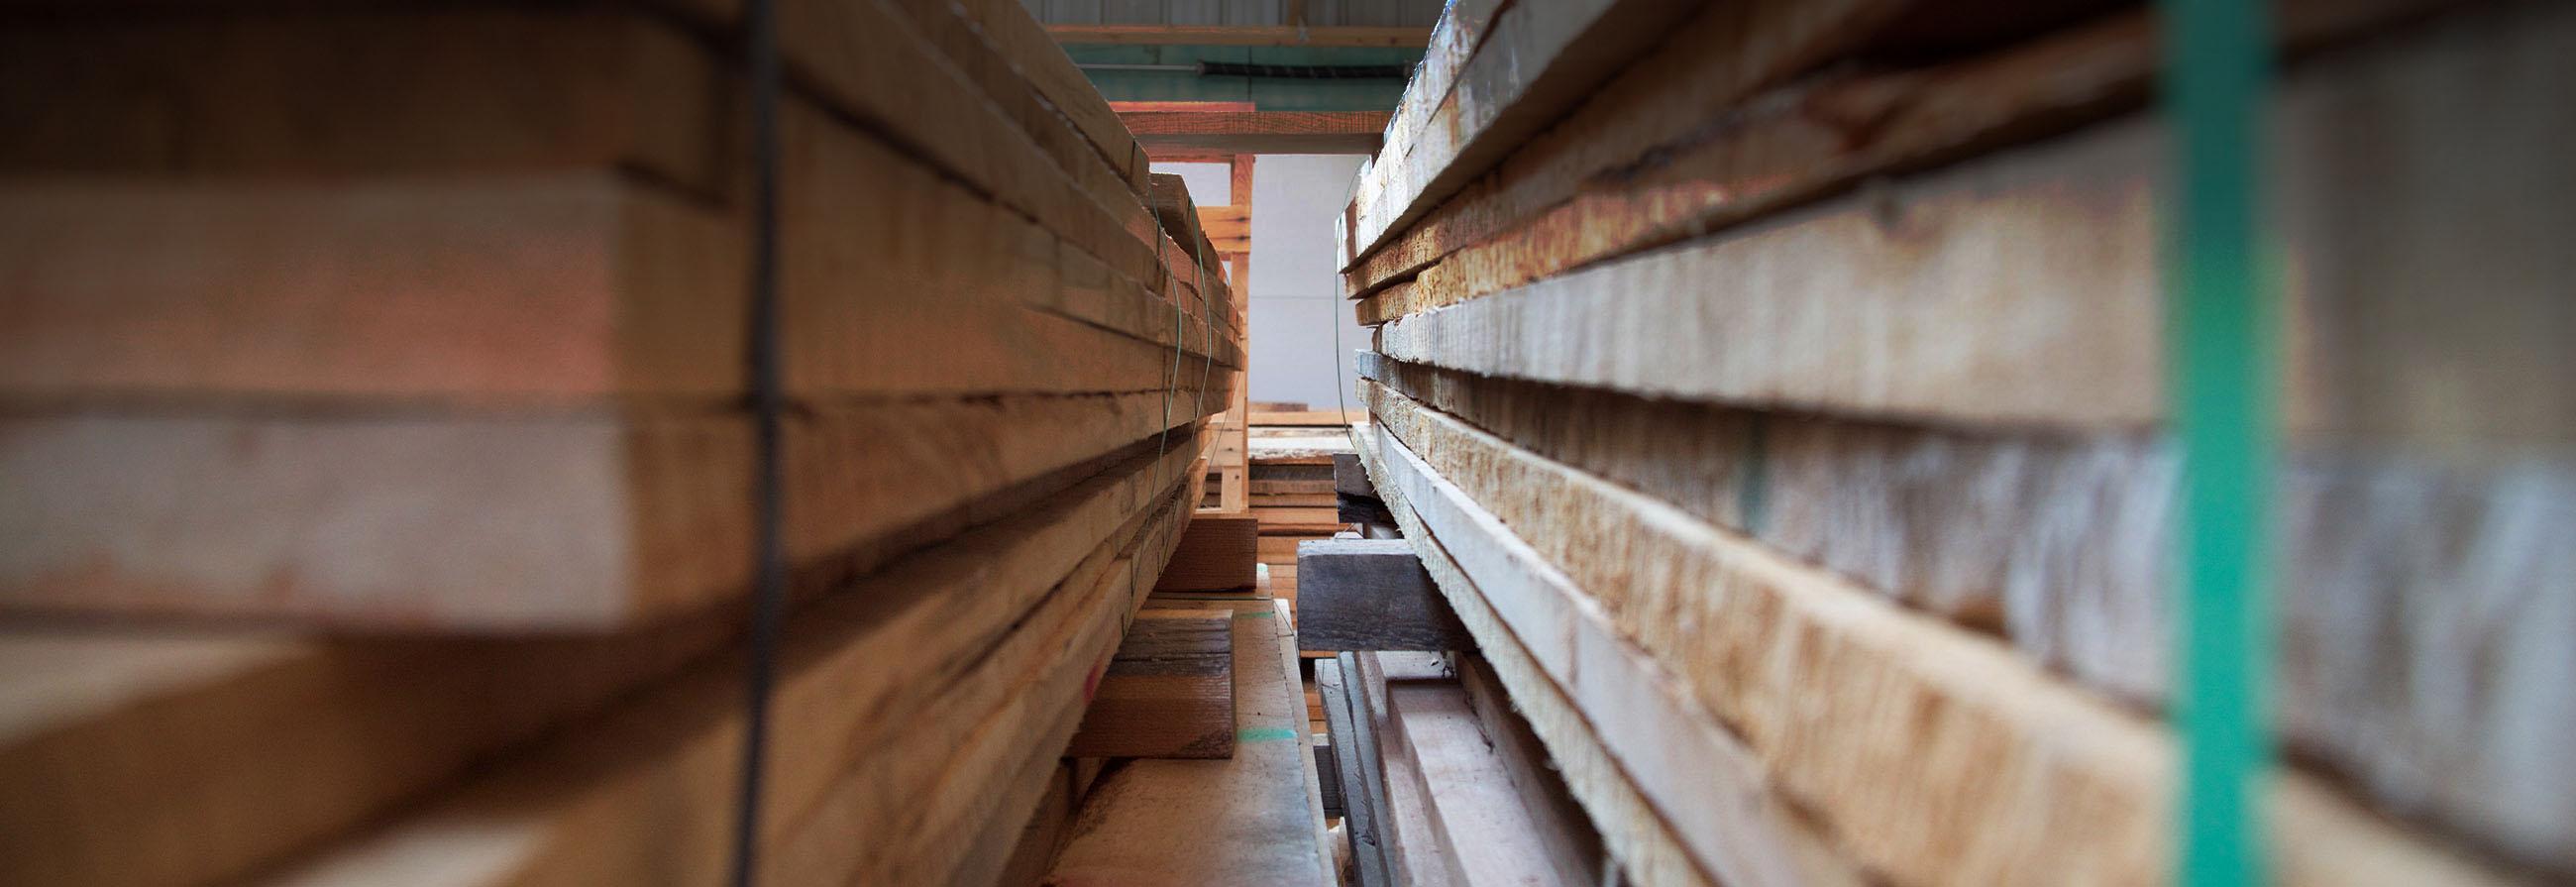 lumber web